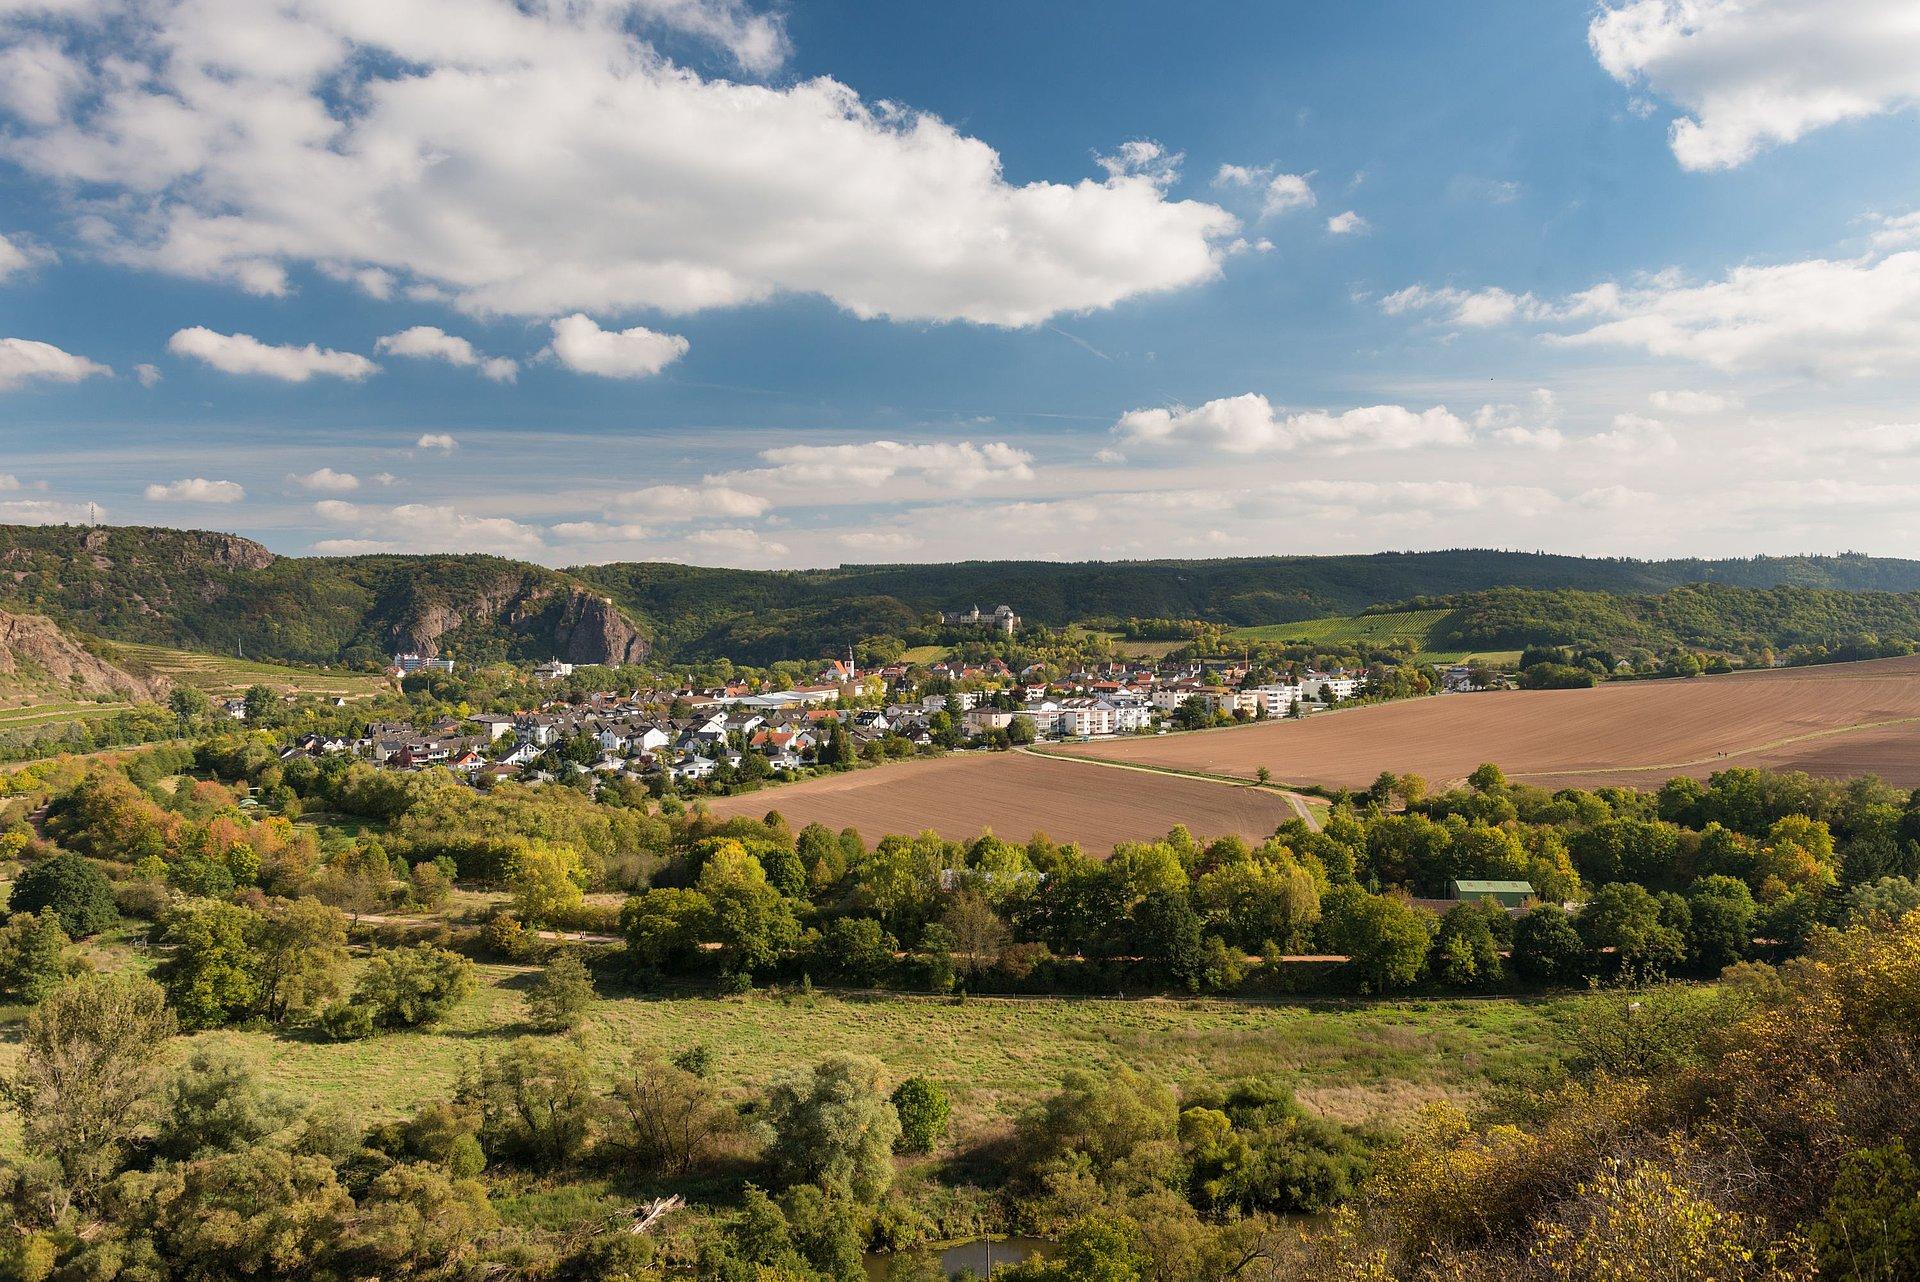 Blick auf Bad Münster am Stein-Ebernburg bei Bad Kreuznach, Nahe